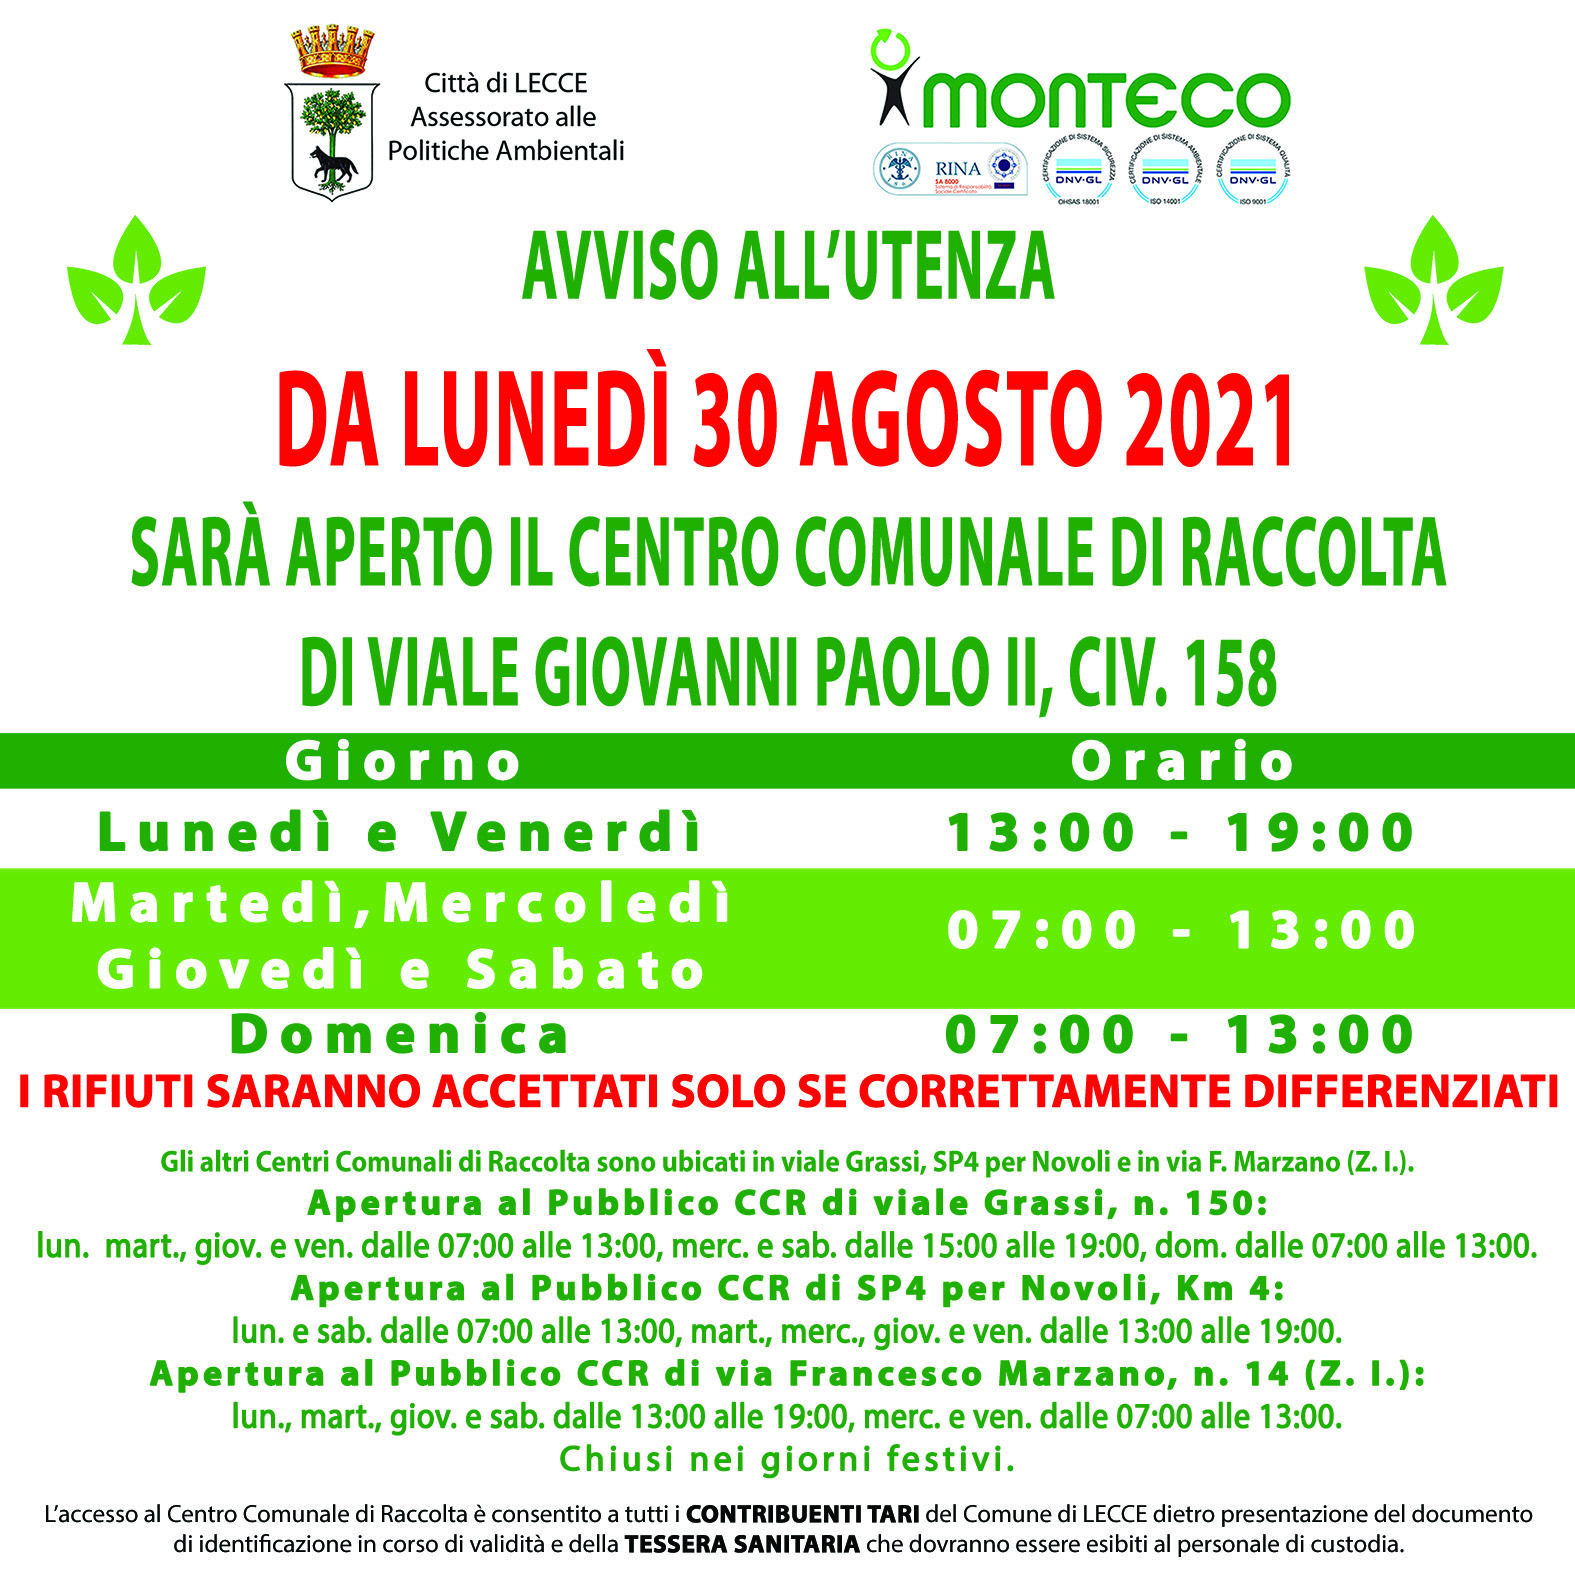 Lecce. Lunedì 30 agosto 2021 riapre il CCR di viale Giovanni Paolo II